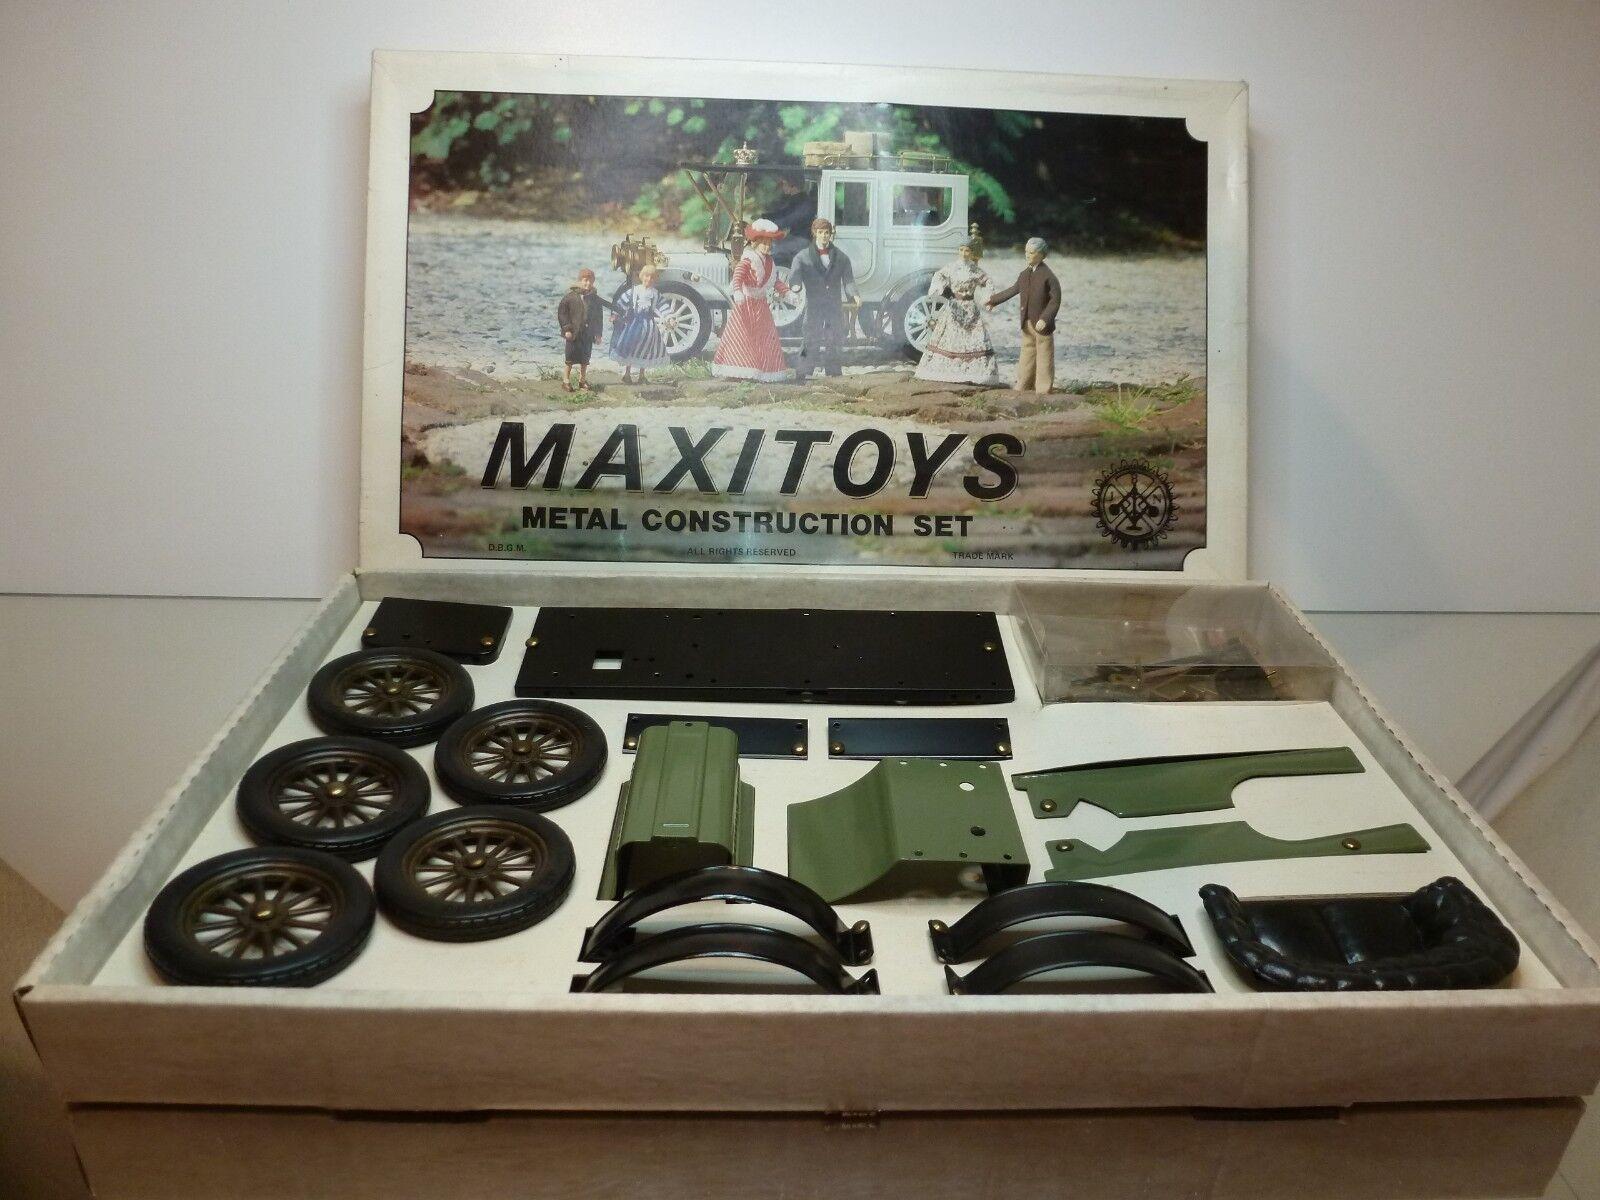 Ahorre hasta un 70% de descuento. MAXITOYS MAXITOYS MAXITOYS 6202 OLDTIMER METAL CONSTRUCTION SET - RARE - GOOD CONDITION IN BOX  la calidad primero los consumidores primero